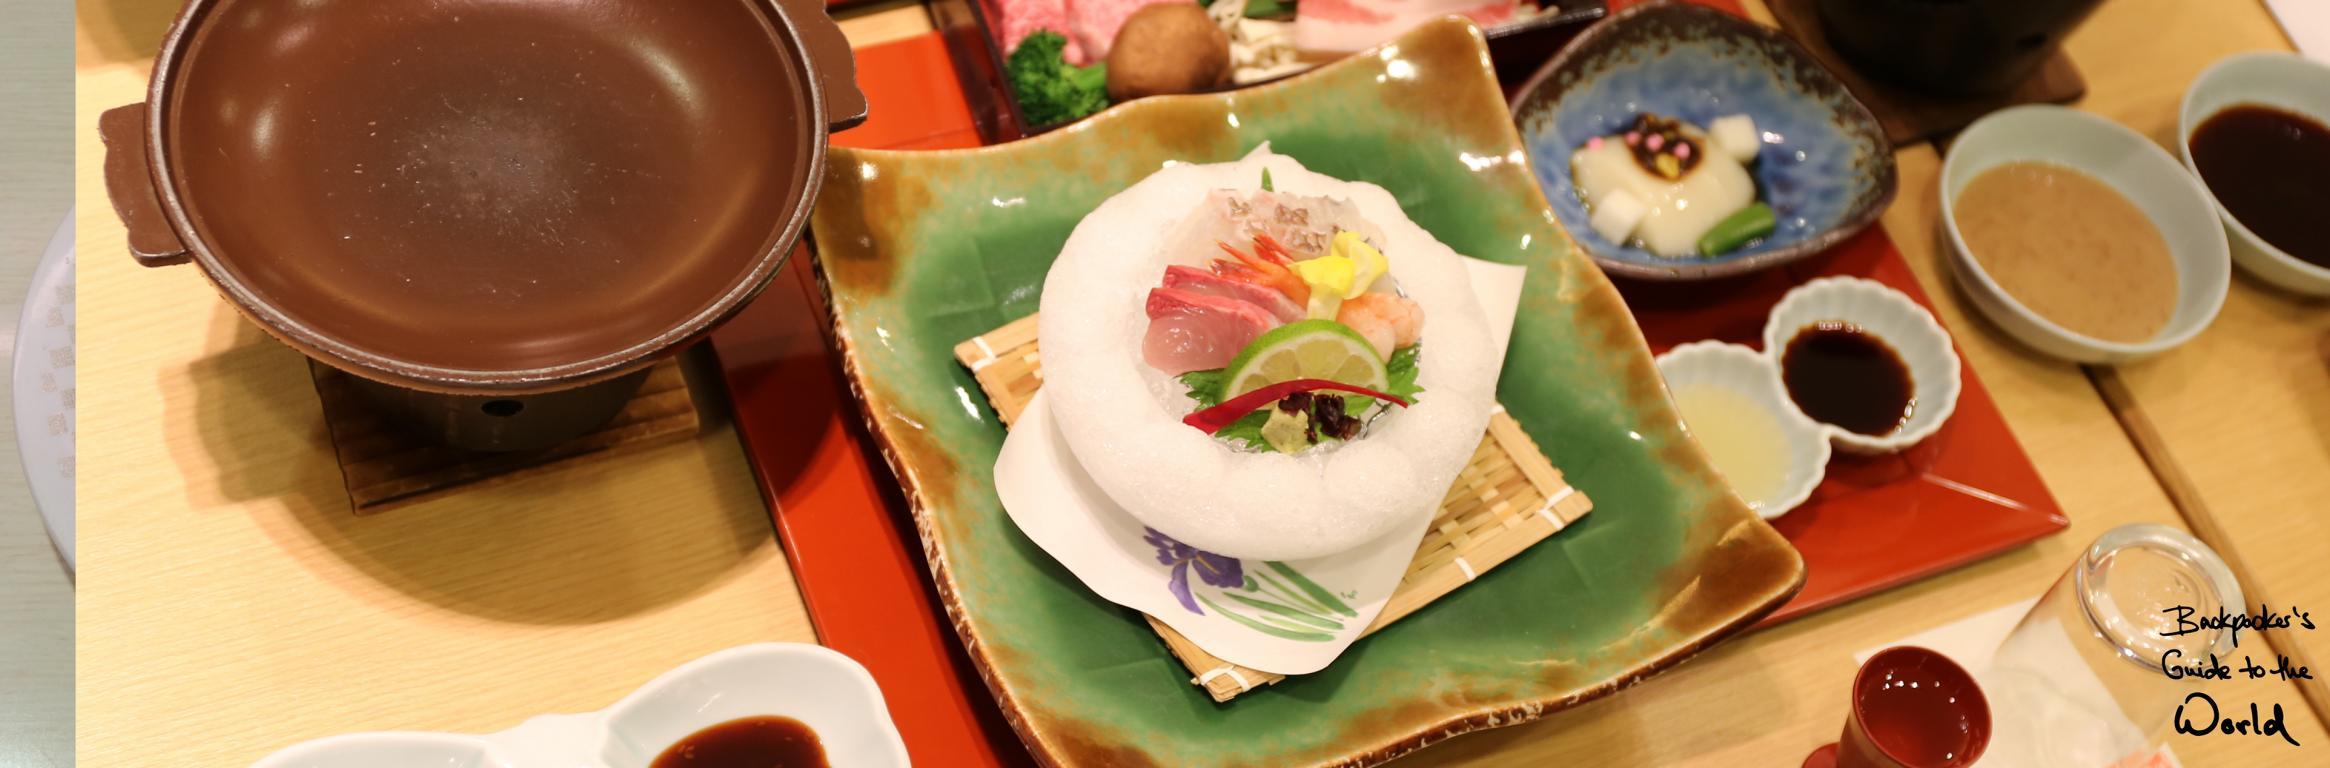 mehr als nur sushi einblicke in die japanische k che rapunzel will raus. Black Bedroom Furniture Sets. Home Design Ideas